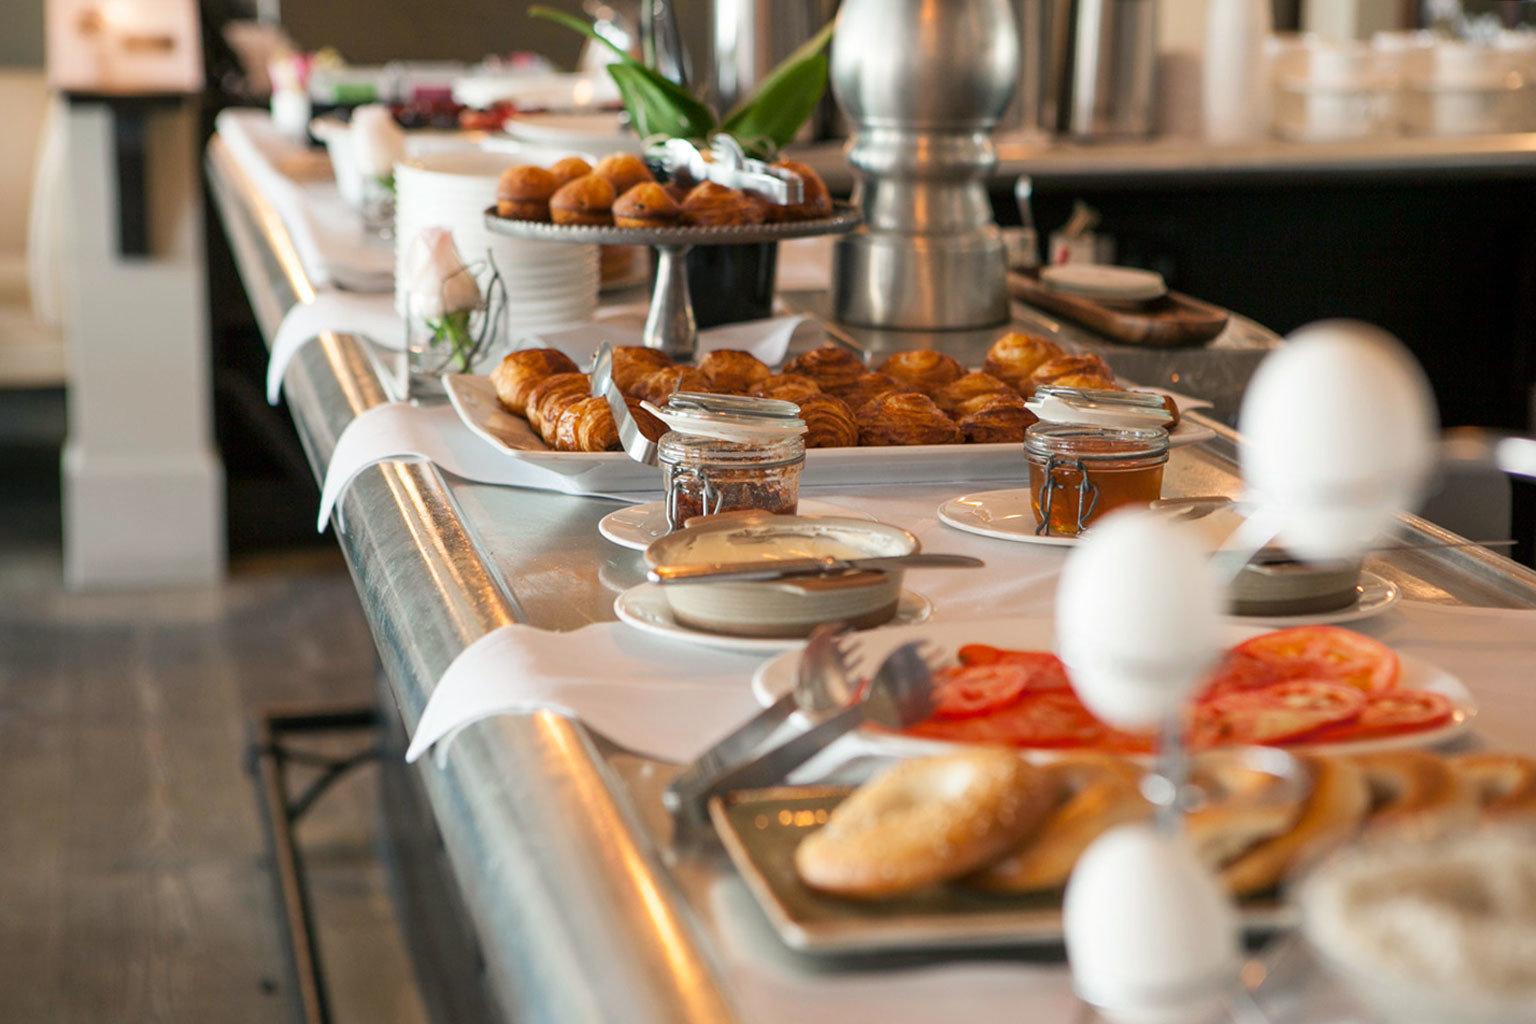 plate breakfast brunch buffet food supper counter restaurant lunch dinner preparing